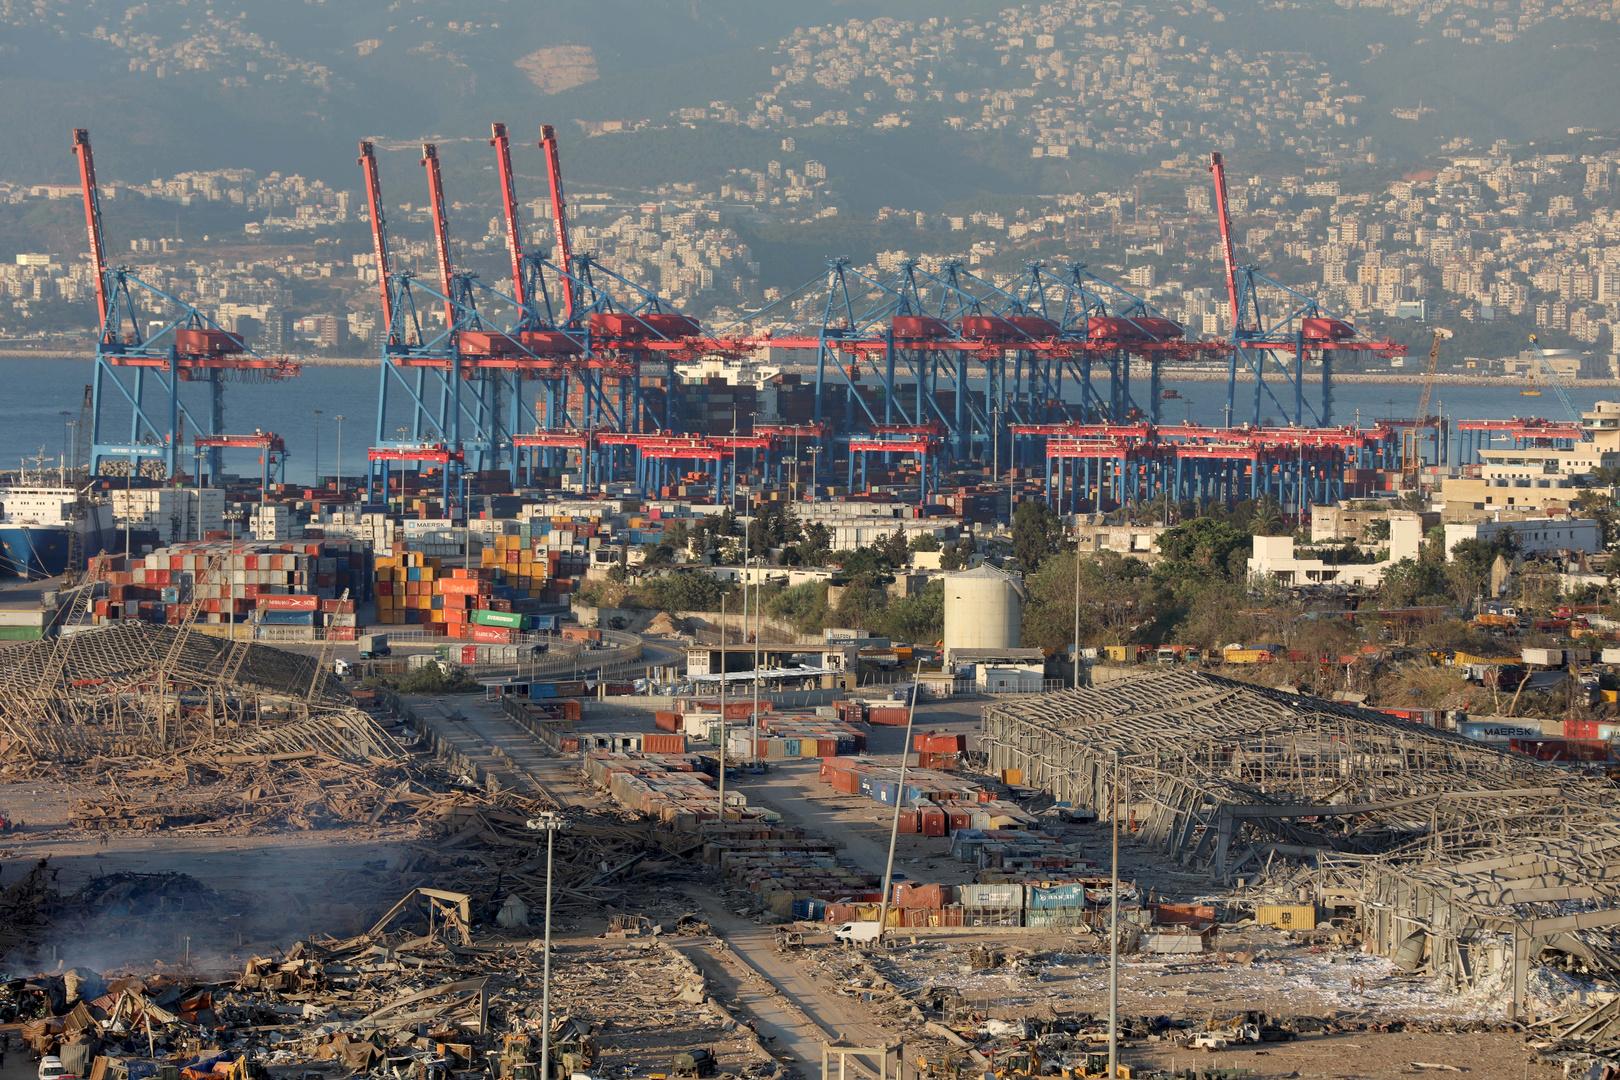 مرفأ طرابلس يؤكد خلوه من أي مواد خطرة ويستعد لاستقبال شحنات قمح